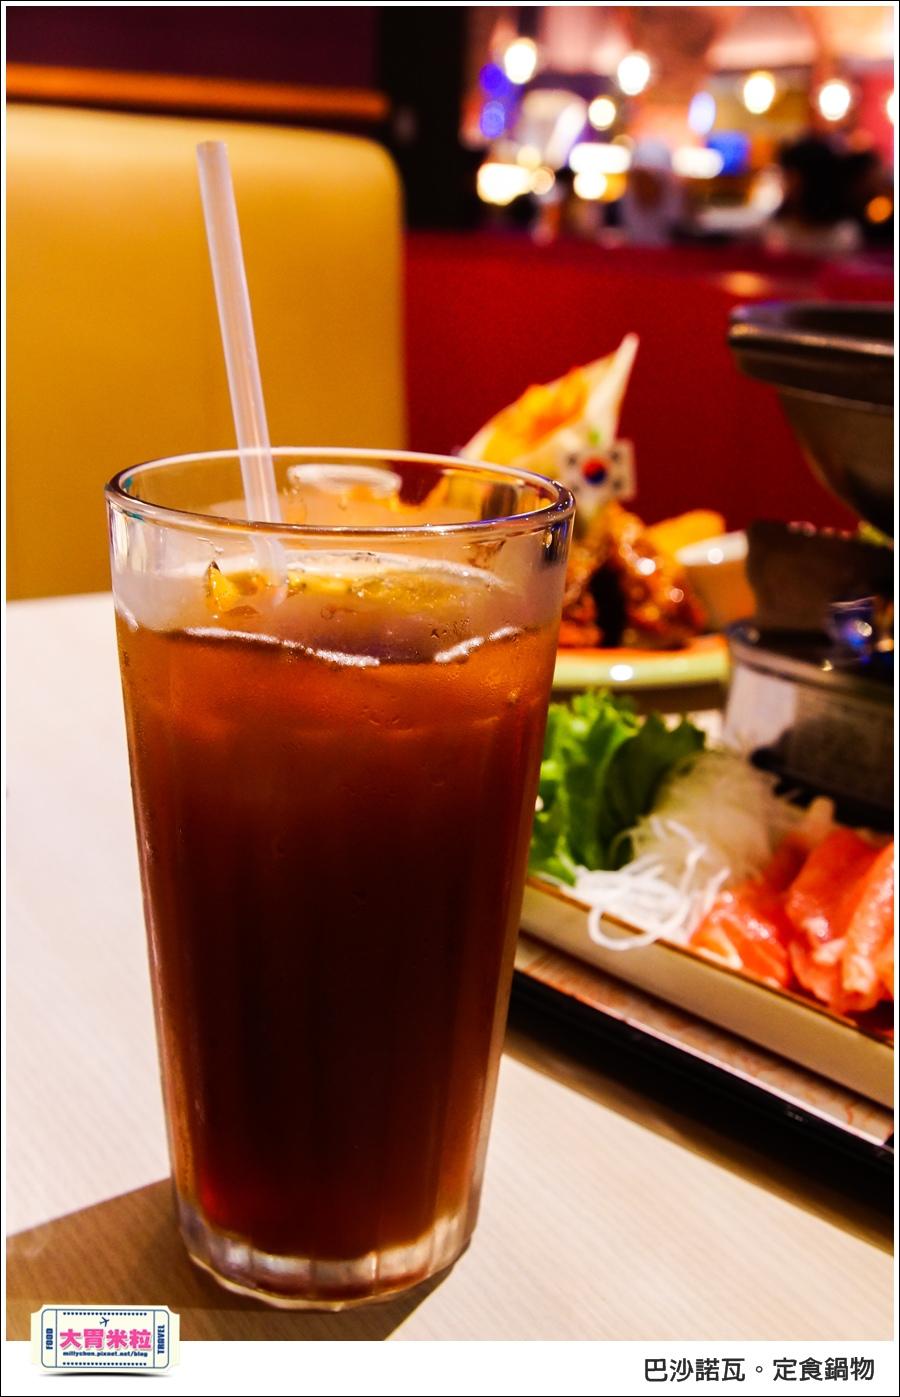 高雄巴沙諾瓦定食鍋物@高雄簡餐推薦@大胃米粒0046.jpg